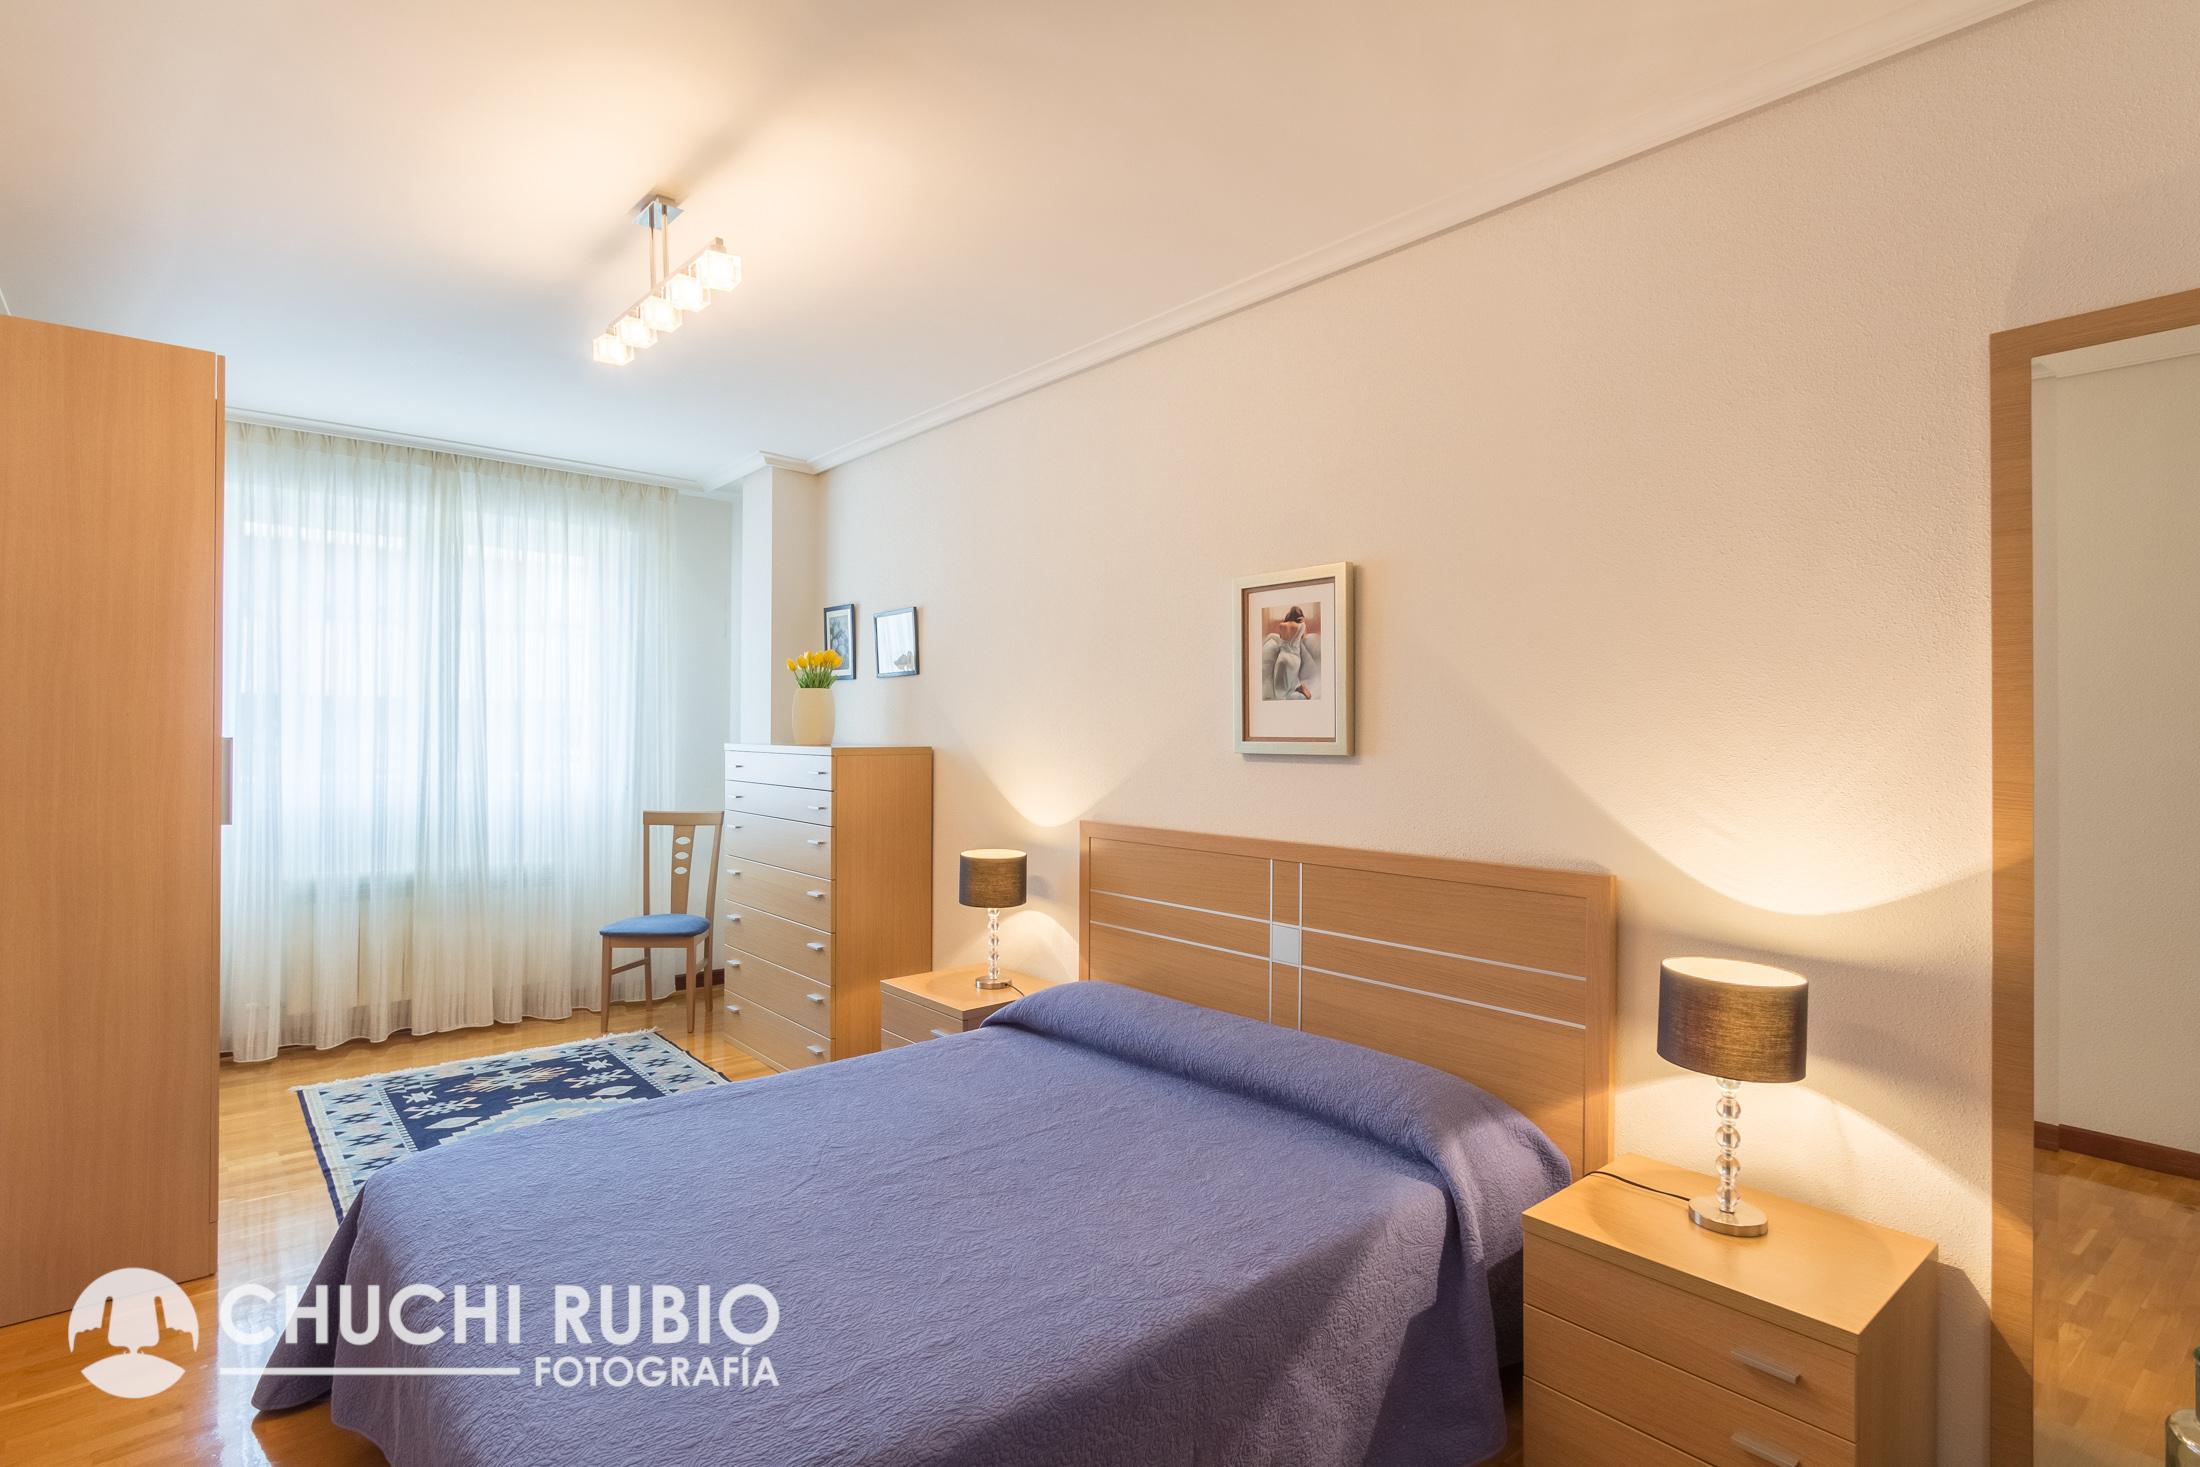 IMG 0673 HDR - Fotografía para Inmobiliarias, venta de pisos, locales...